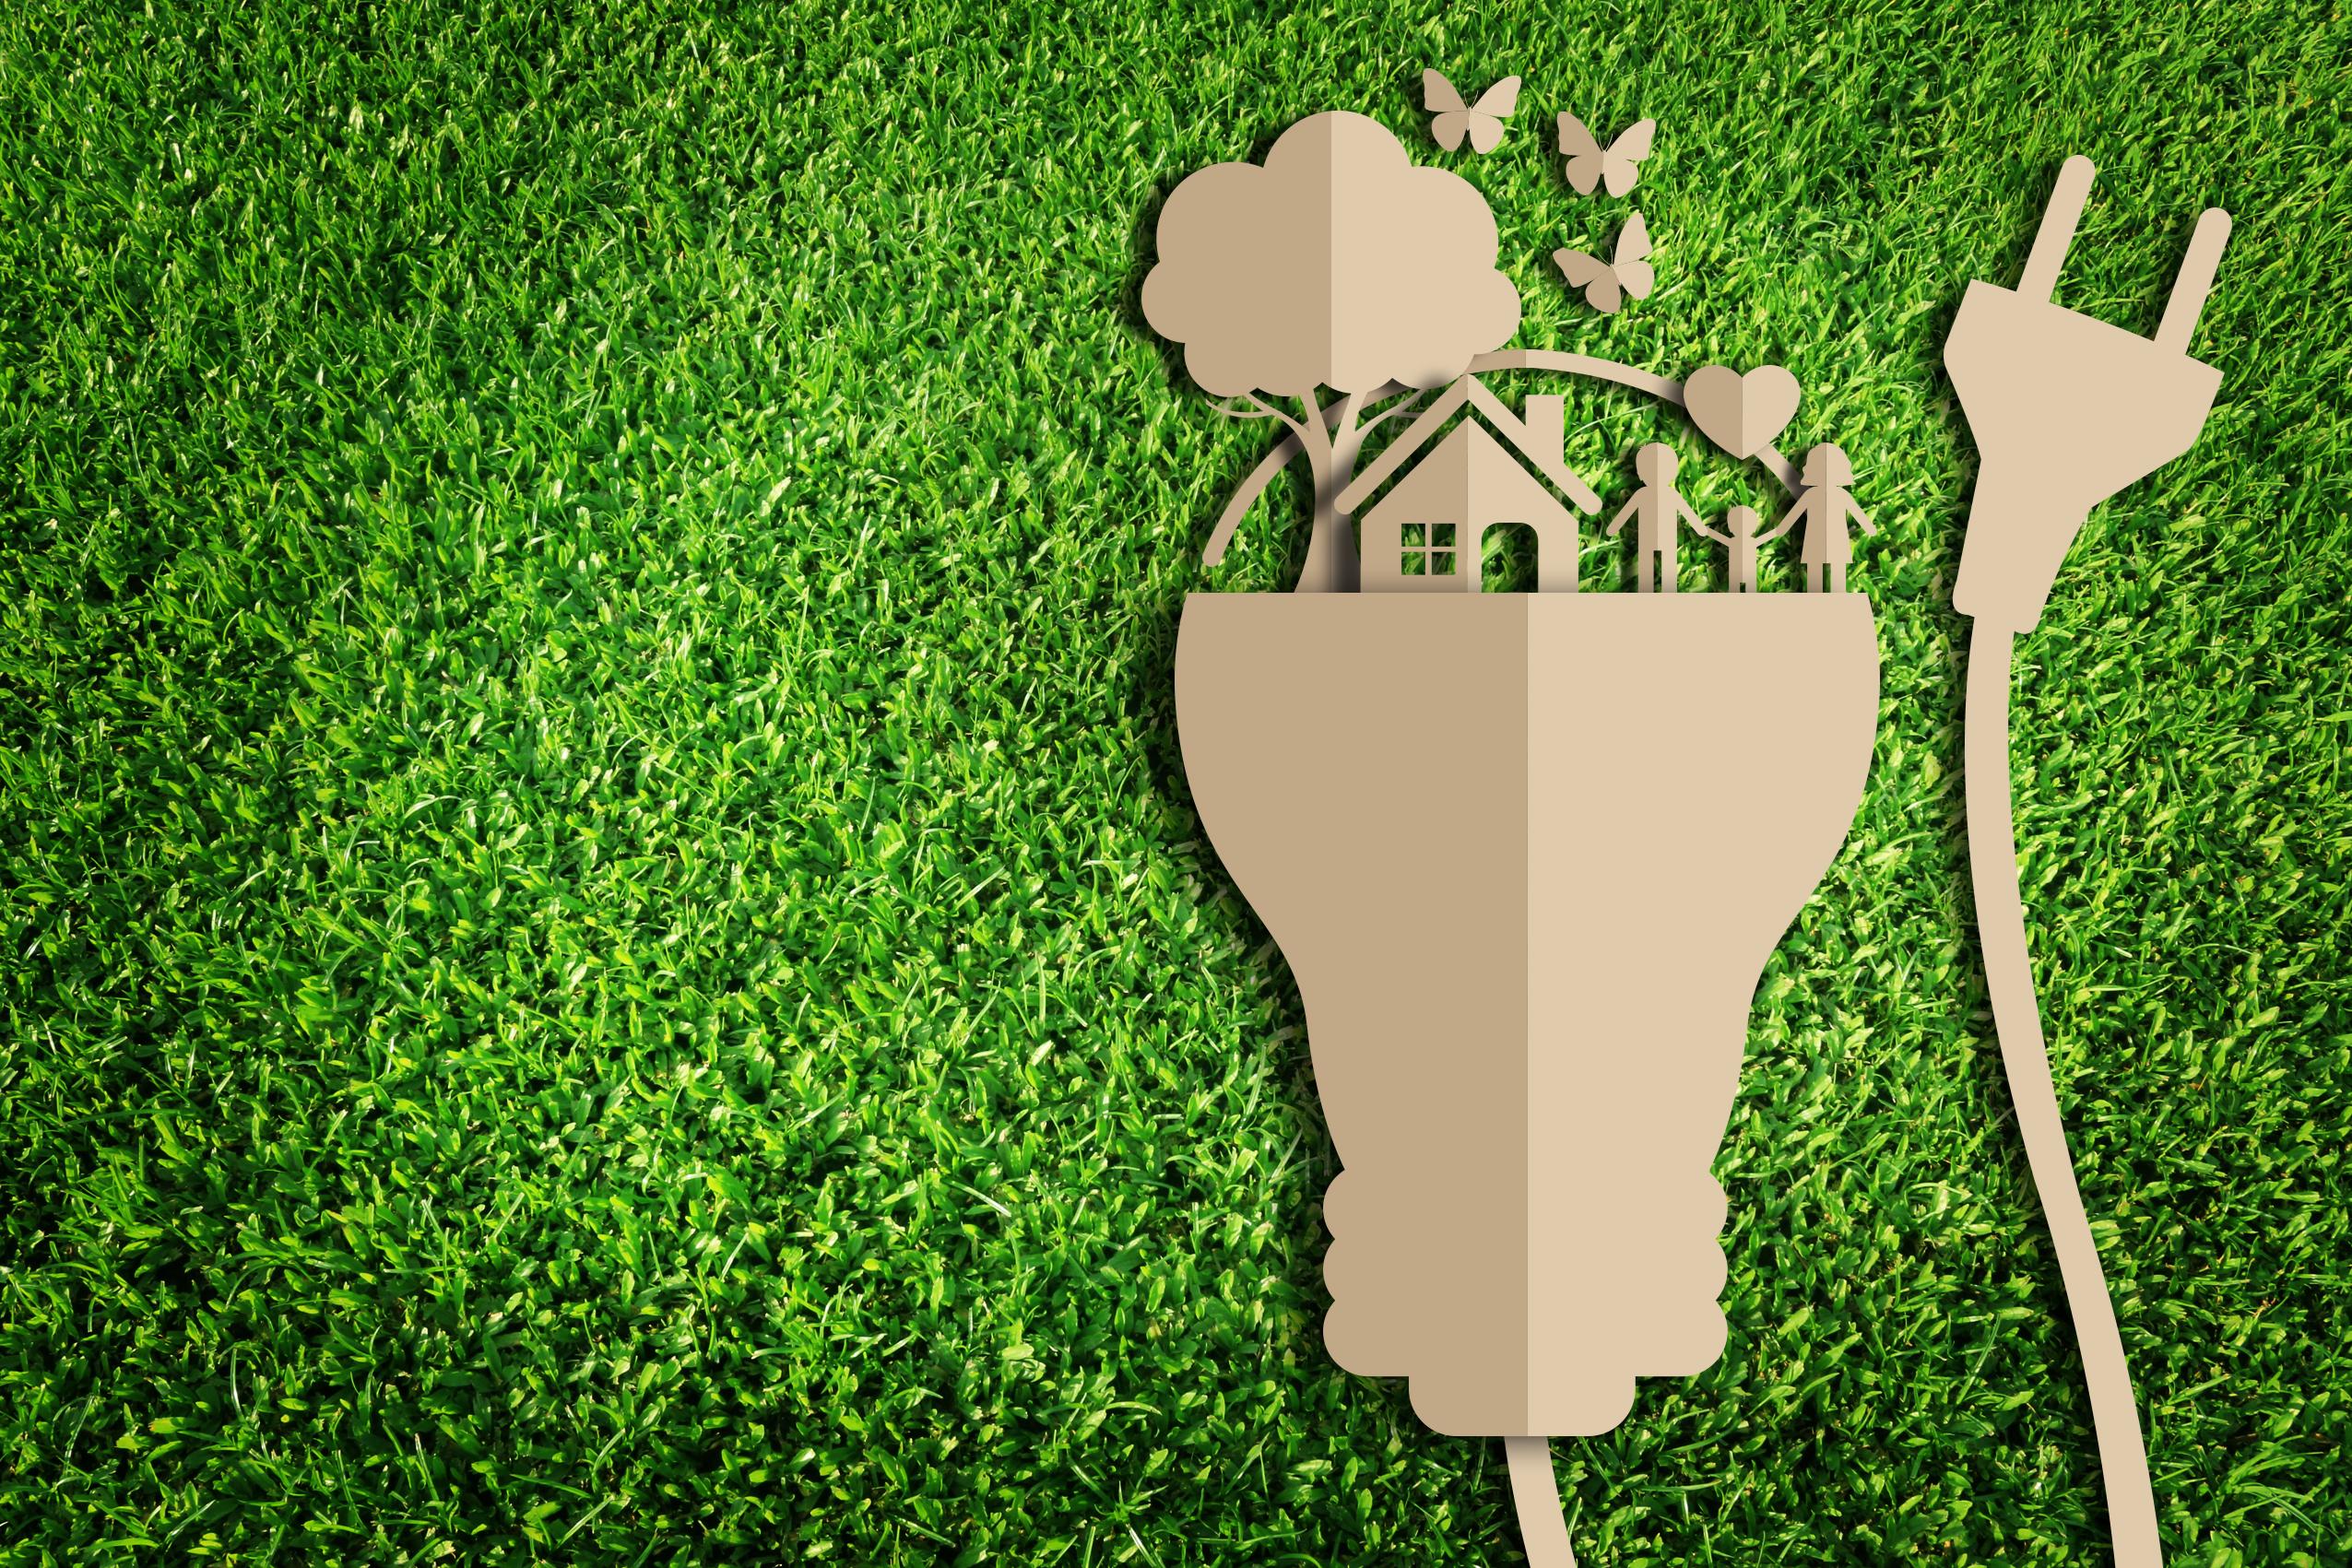 発注者向け木造化のメリット1:SDGs、脱炭素、ESG投資への対応